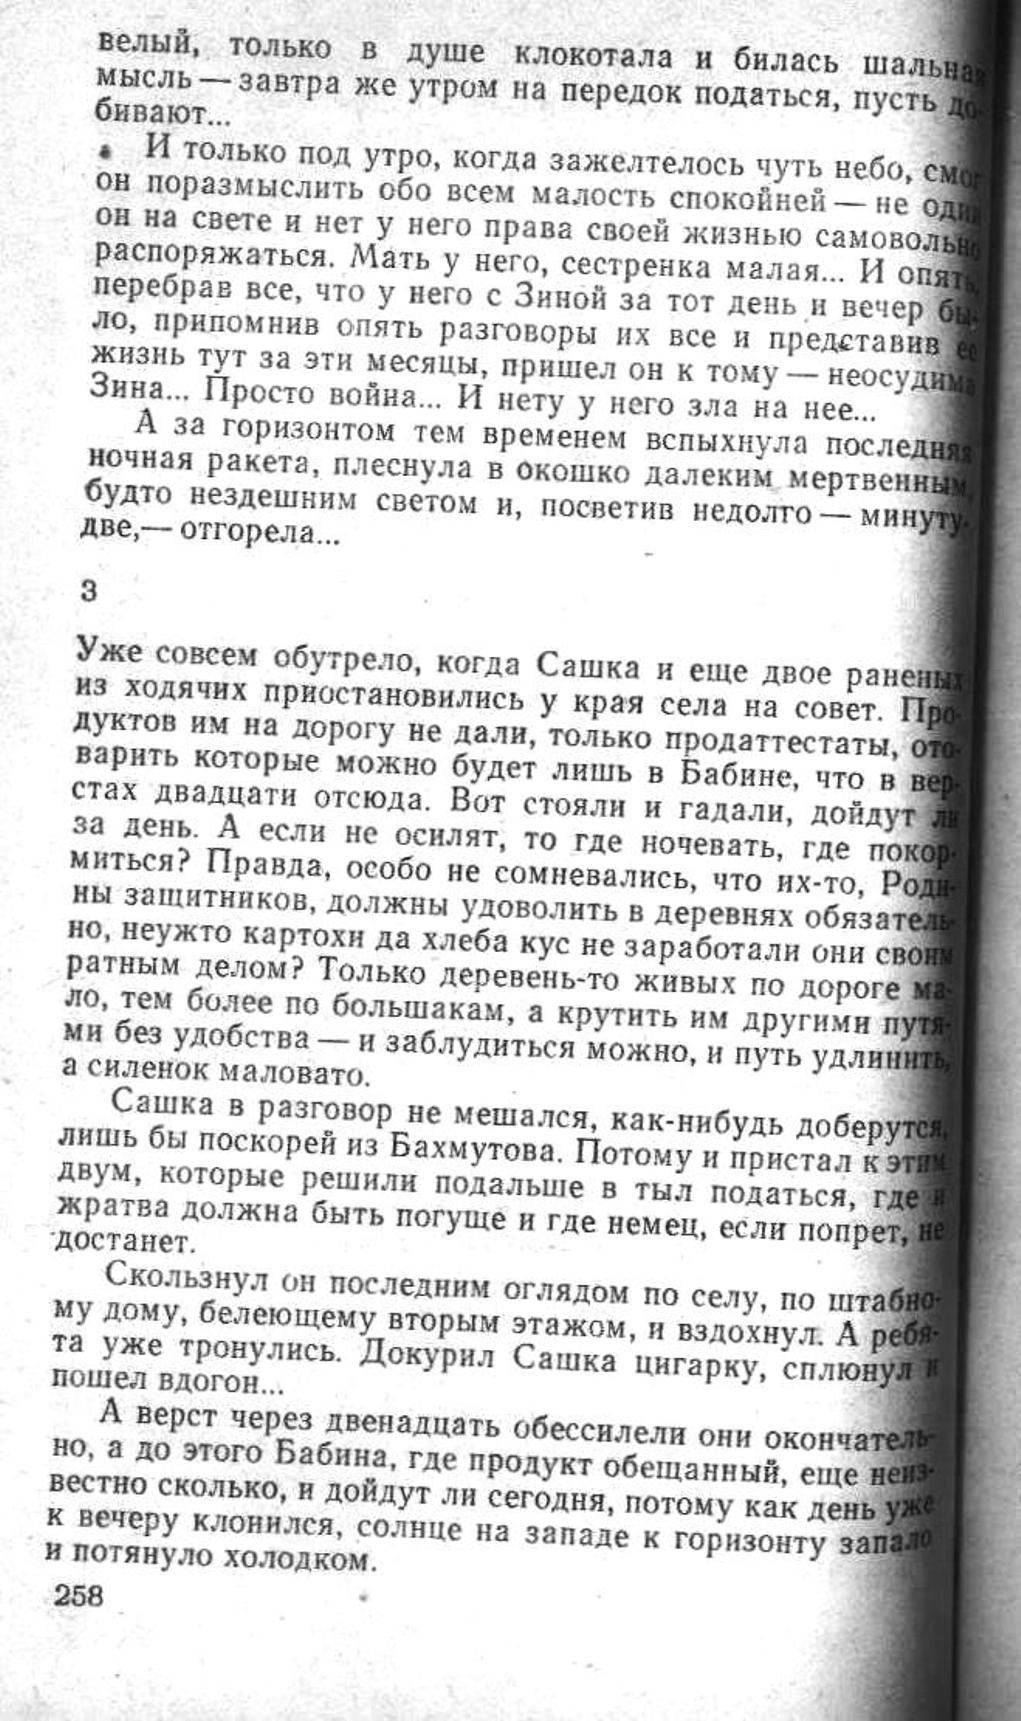 Сашка. Повесть. Вячеслав Кондратьев. 012. 003